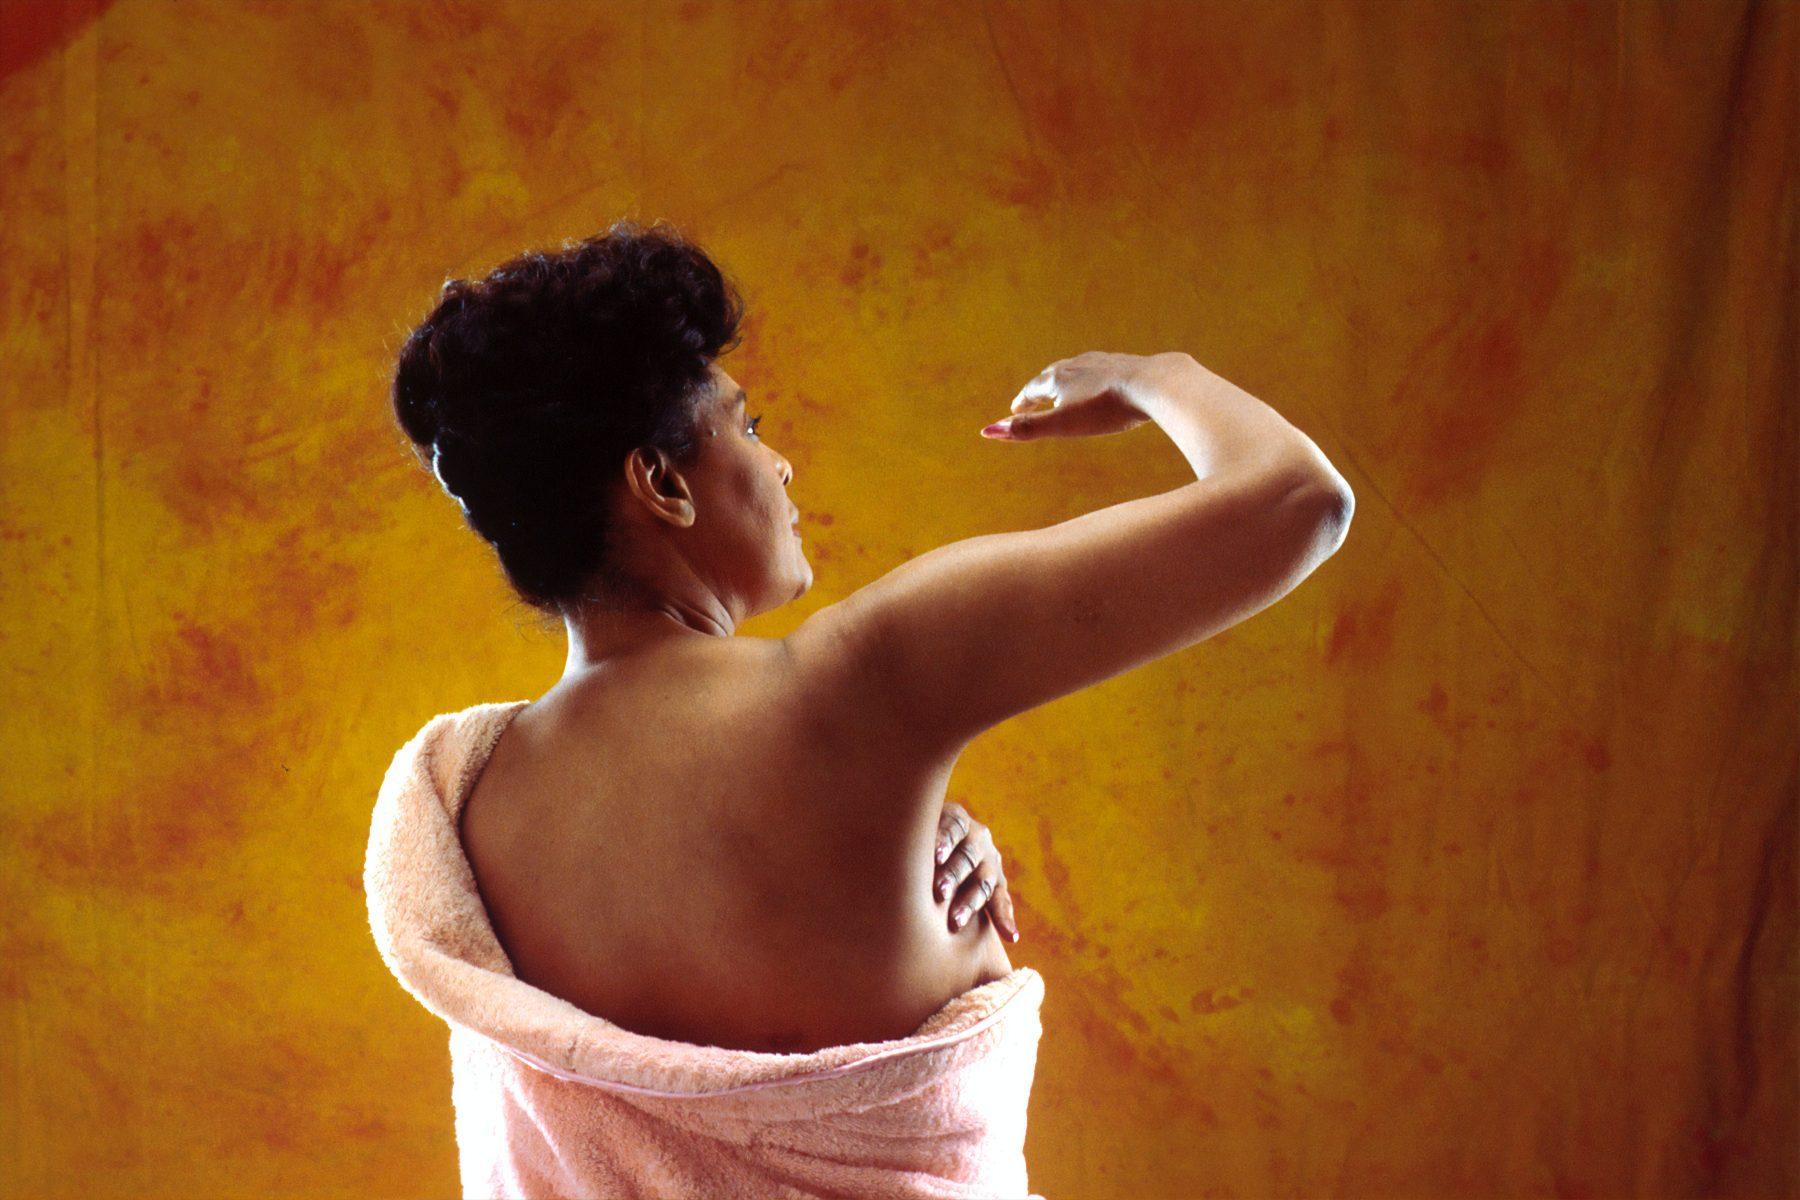 Vrouwenrechtenorganisatie wil vergoeding verwijdering borstimplantaten